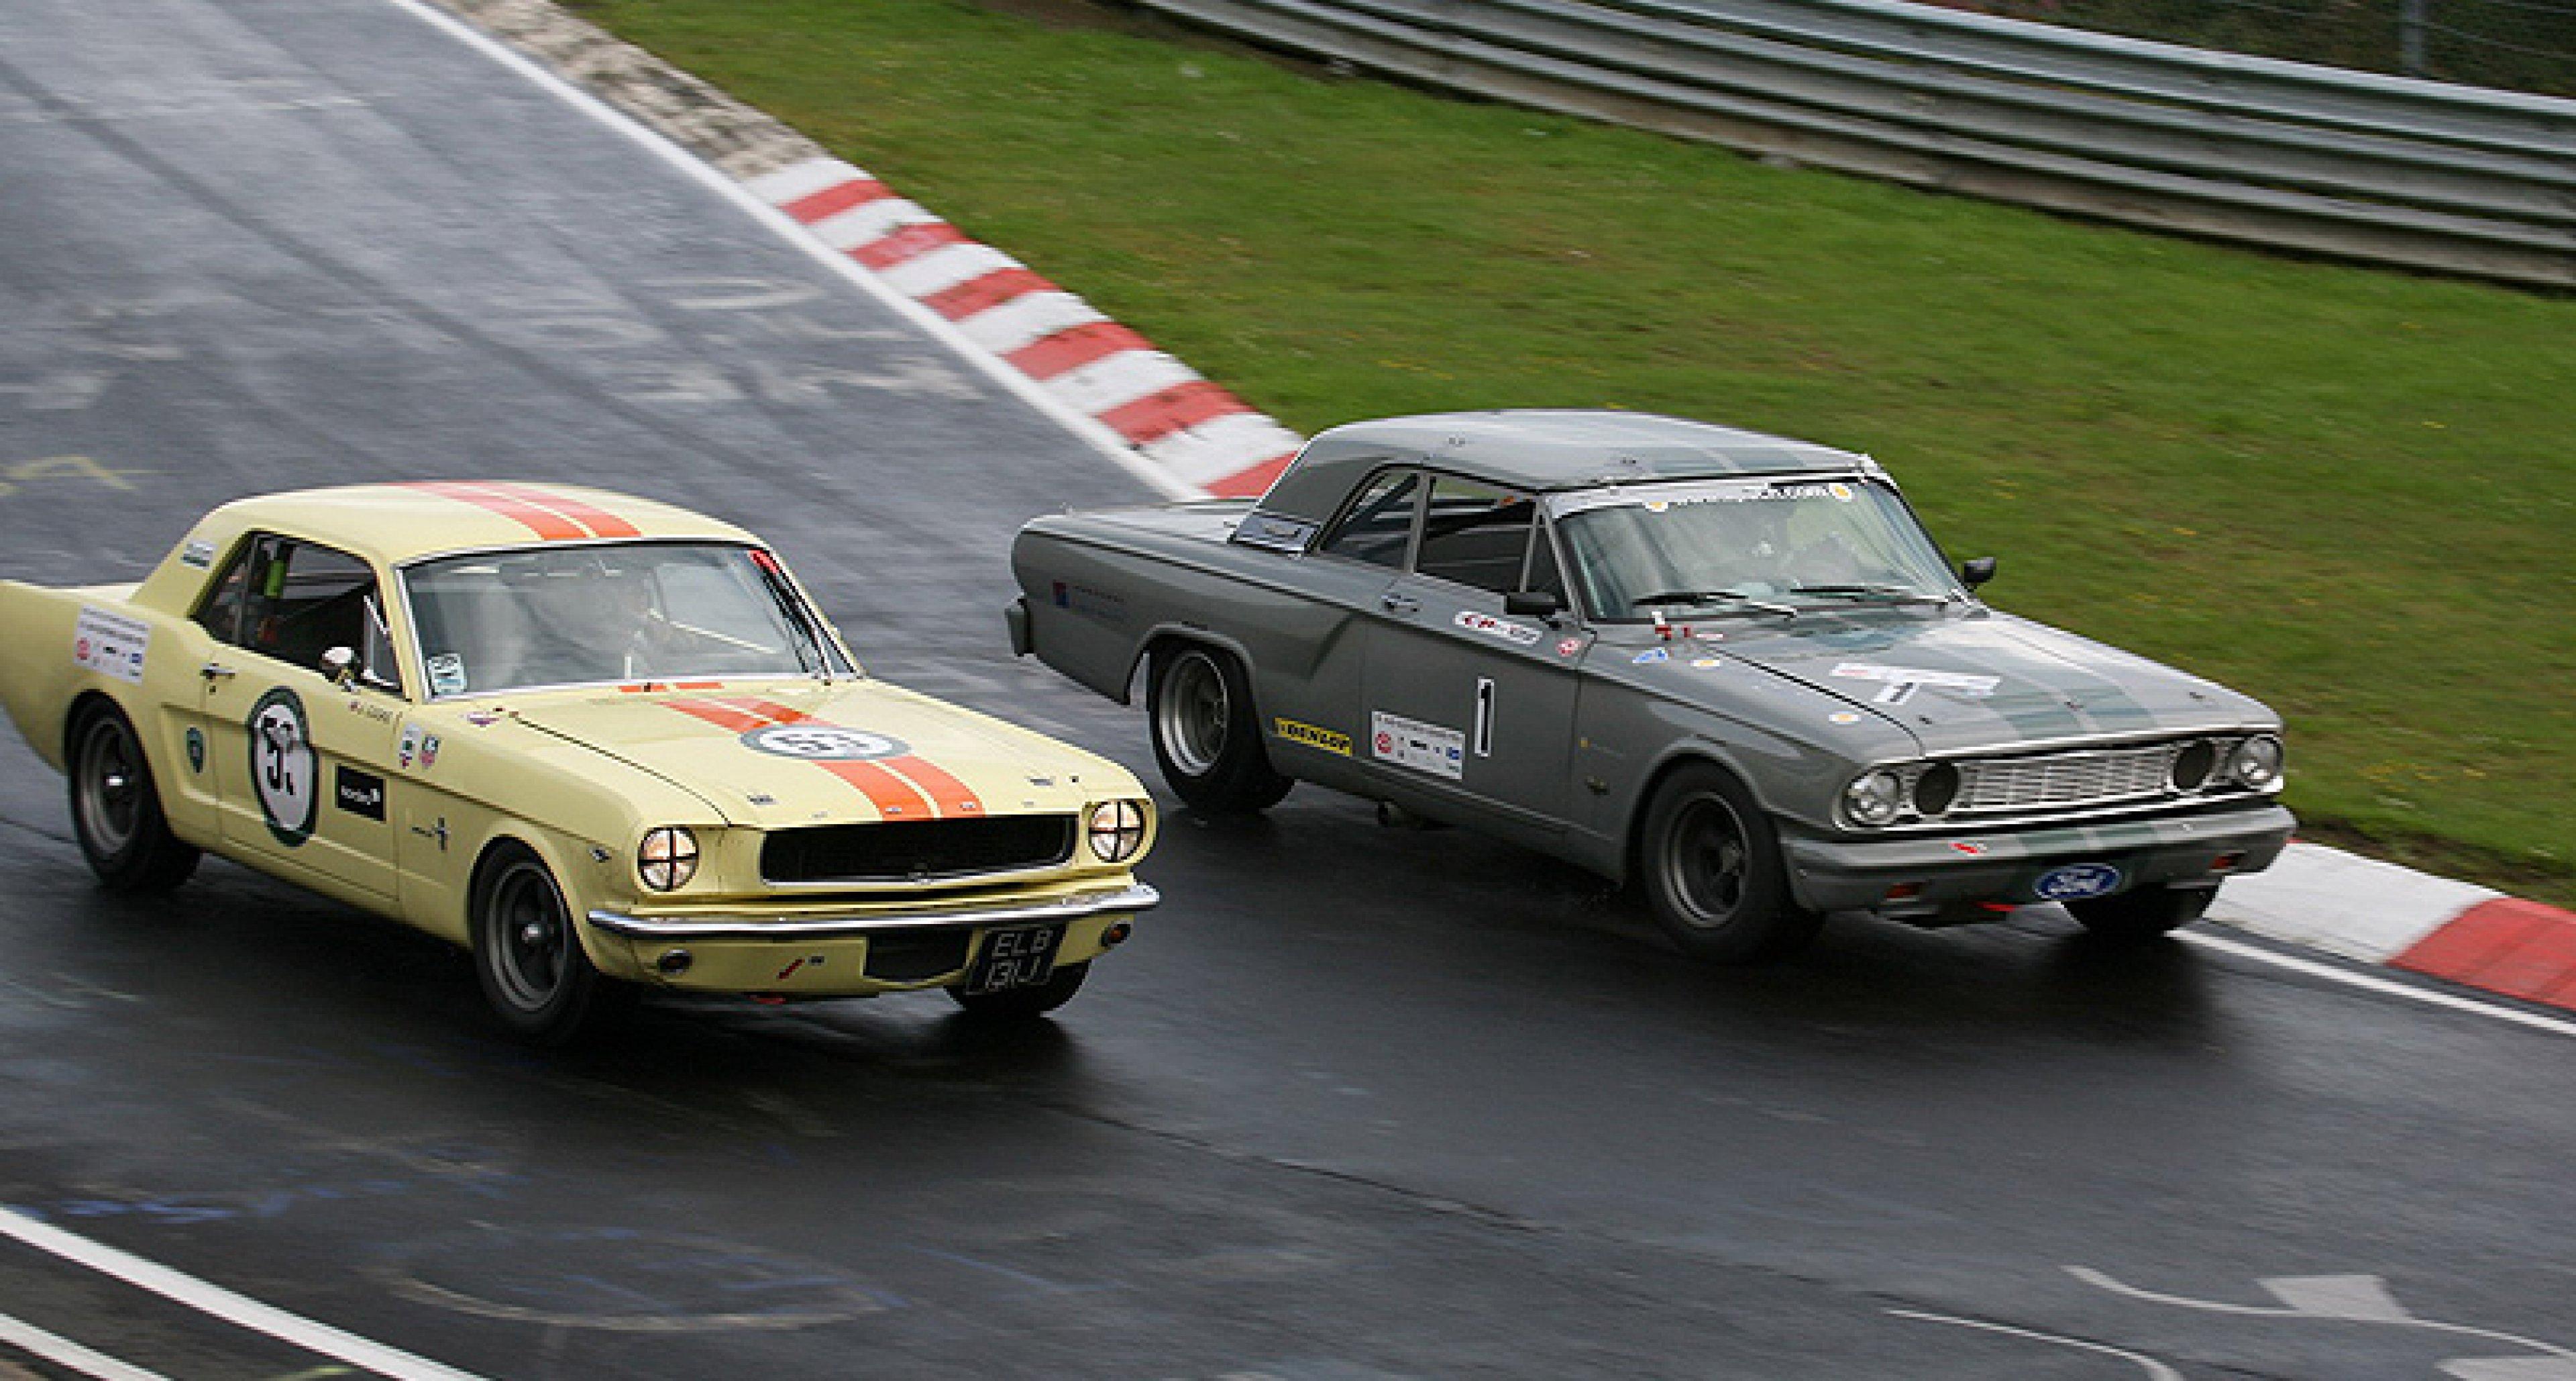 Team Classic Driver erreicht 2. Platz beim OGP am Nürburgring